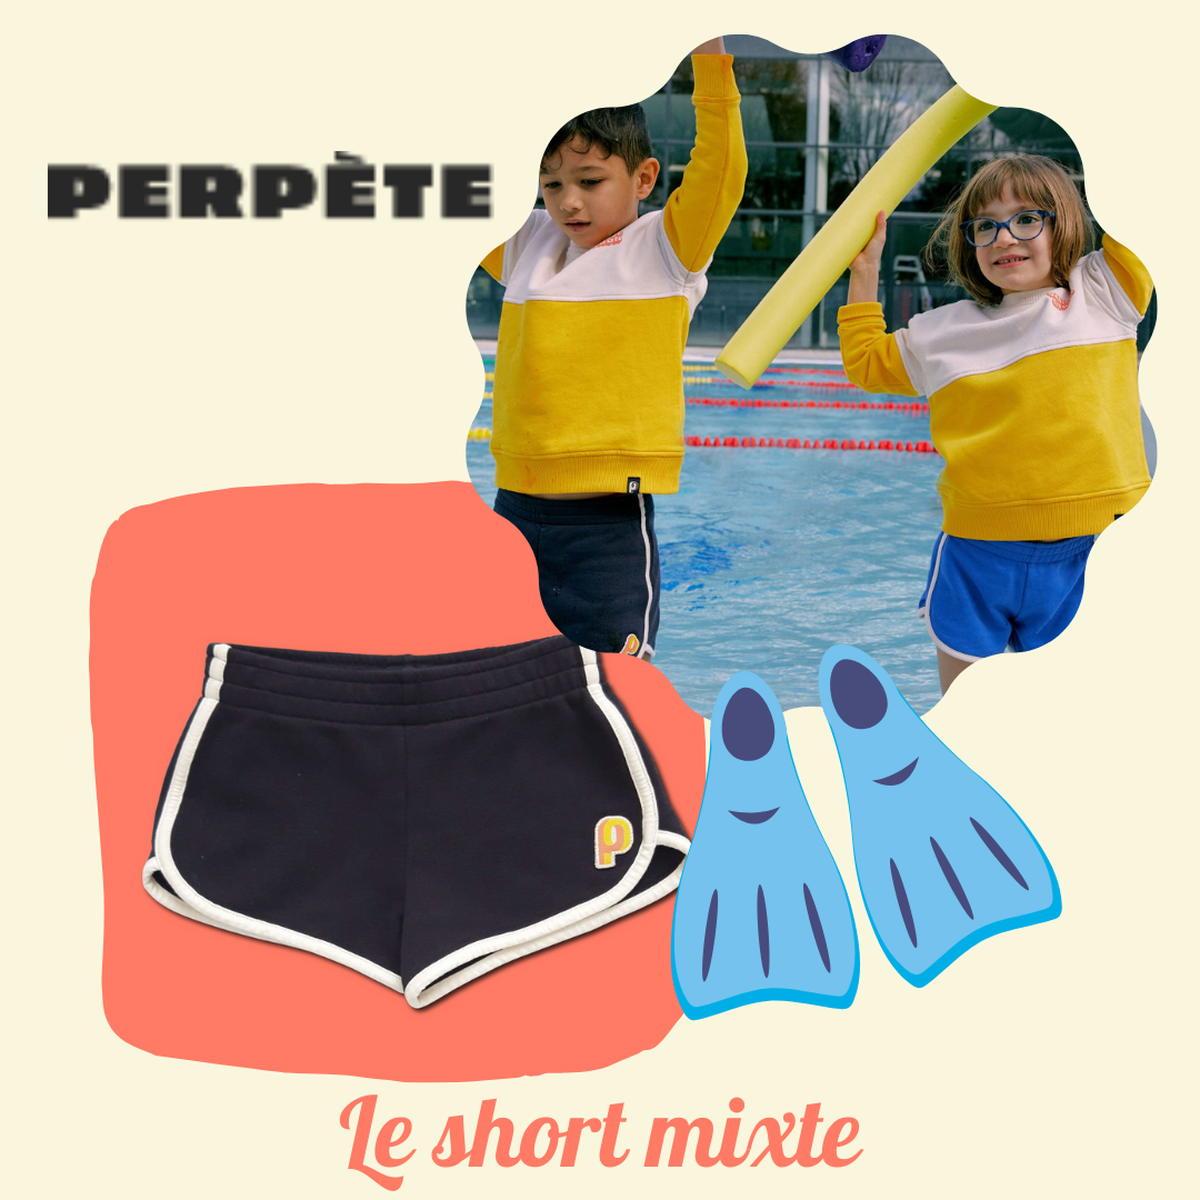 SloWeAre - 6 idées pour habiller les enfants - éco-responsble - short fille garçon - Perpète - coton bio - Made in Europe.